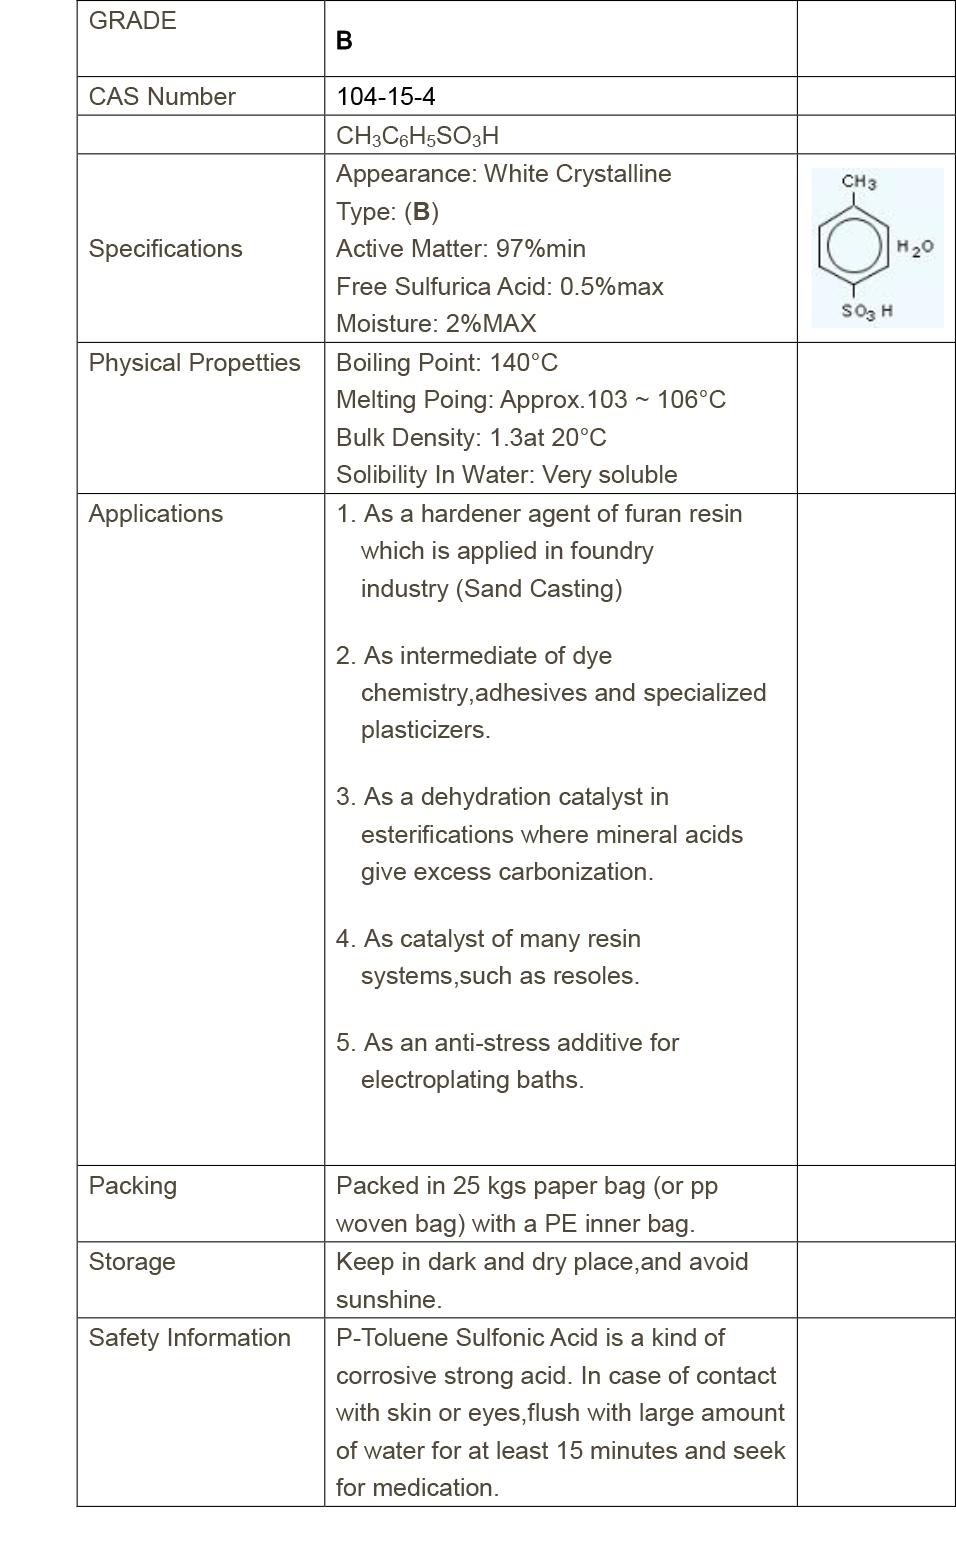 PTSA Grade-B(97%)